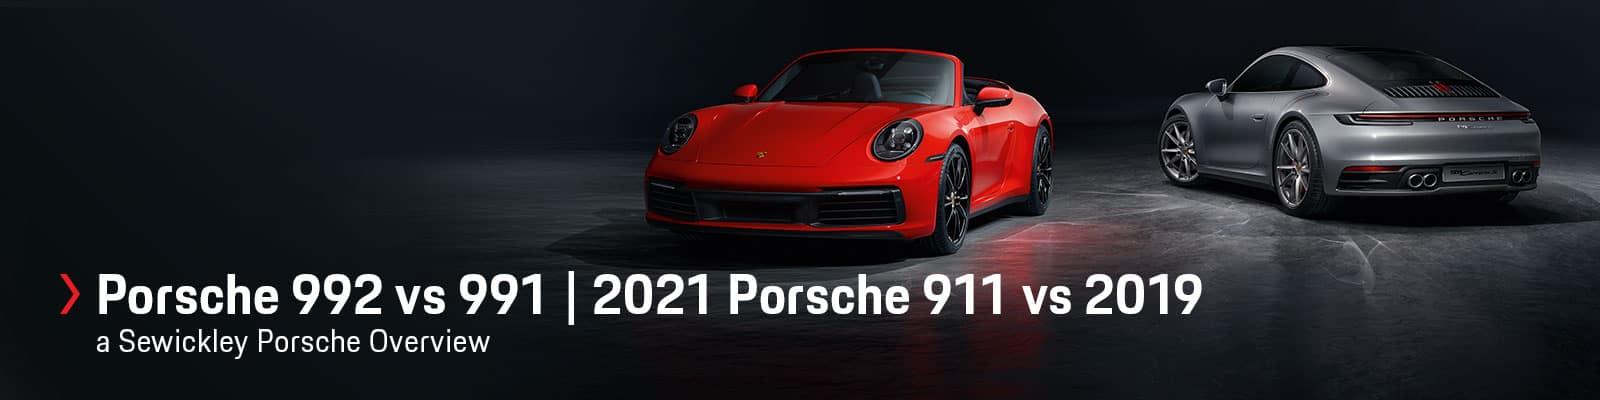 2021 Porsche 911 (992) vs 2019 Porsche 911 (991) at Sewickley Porsche